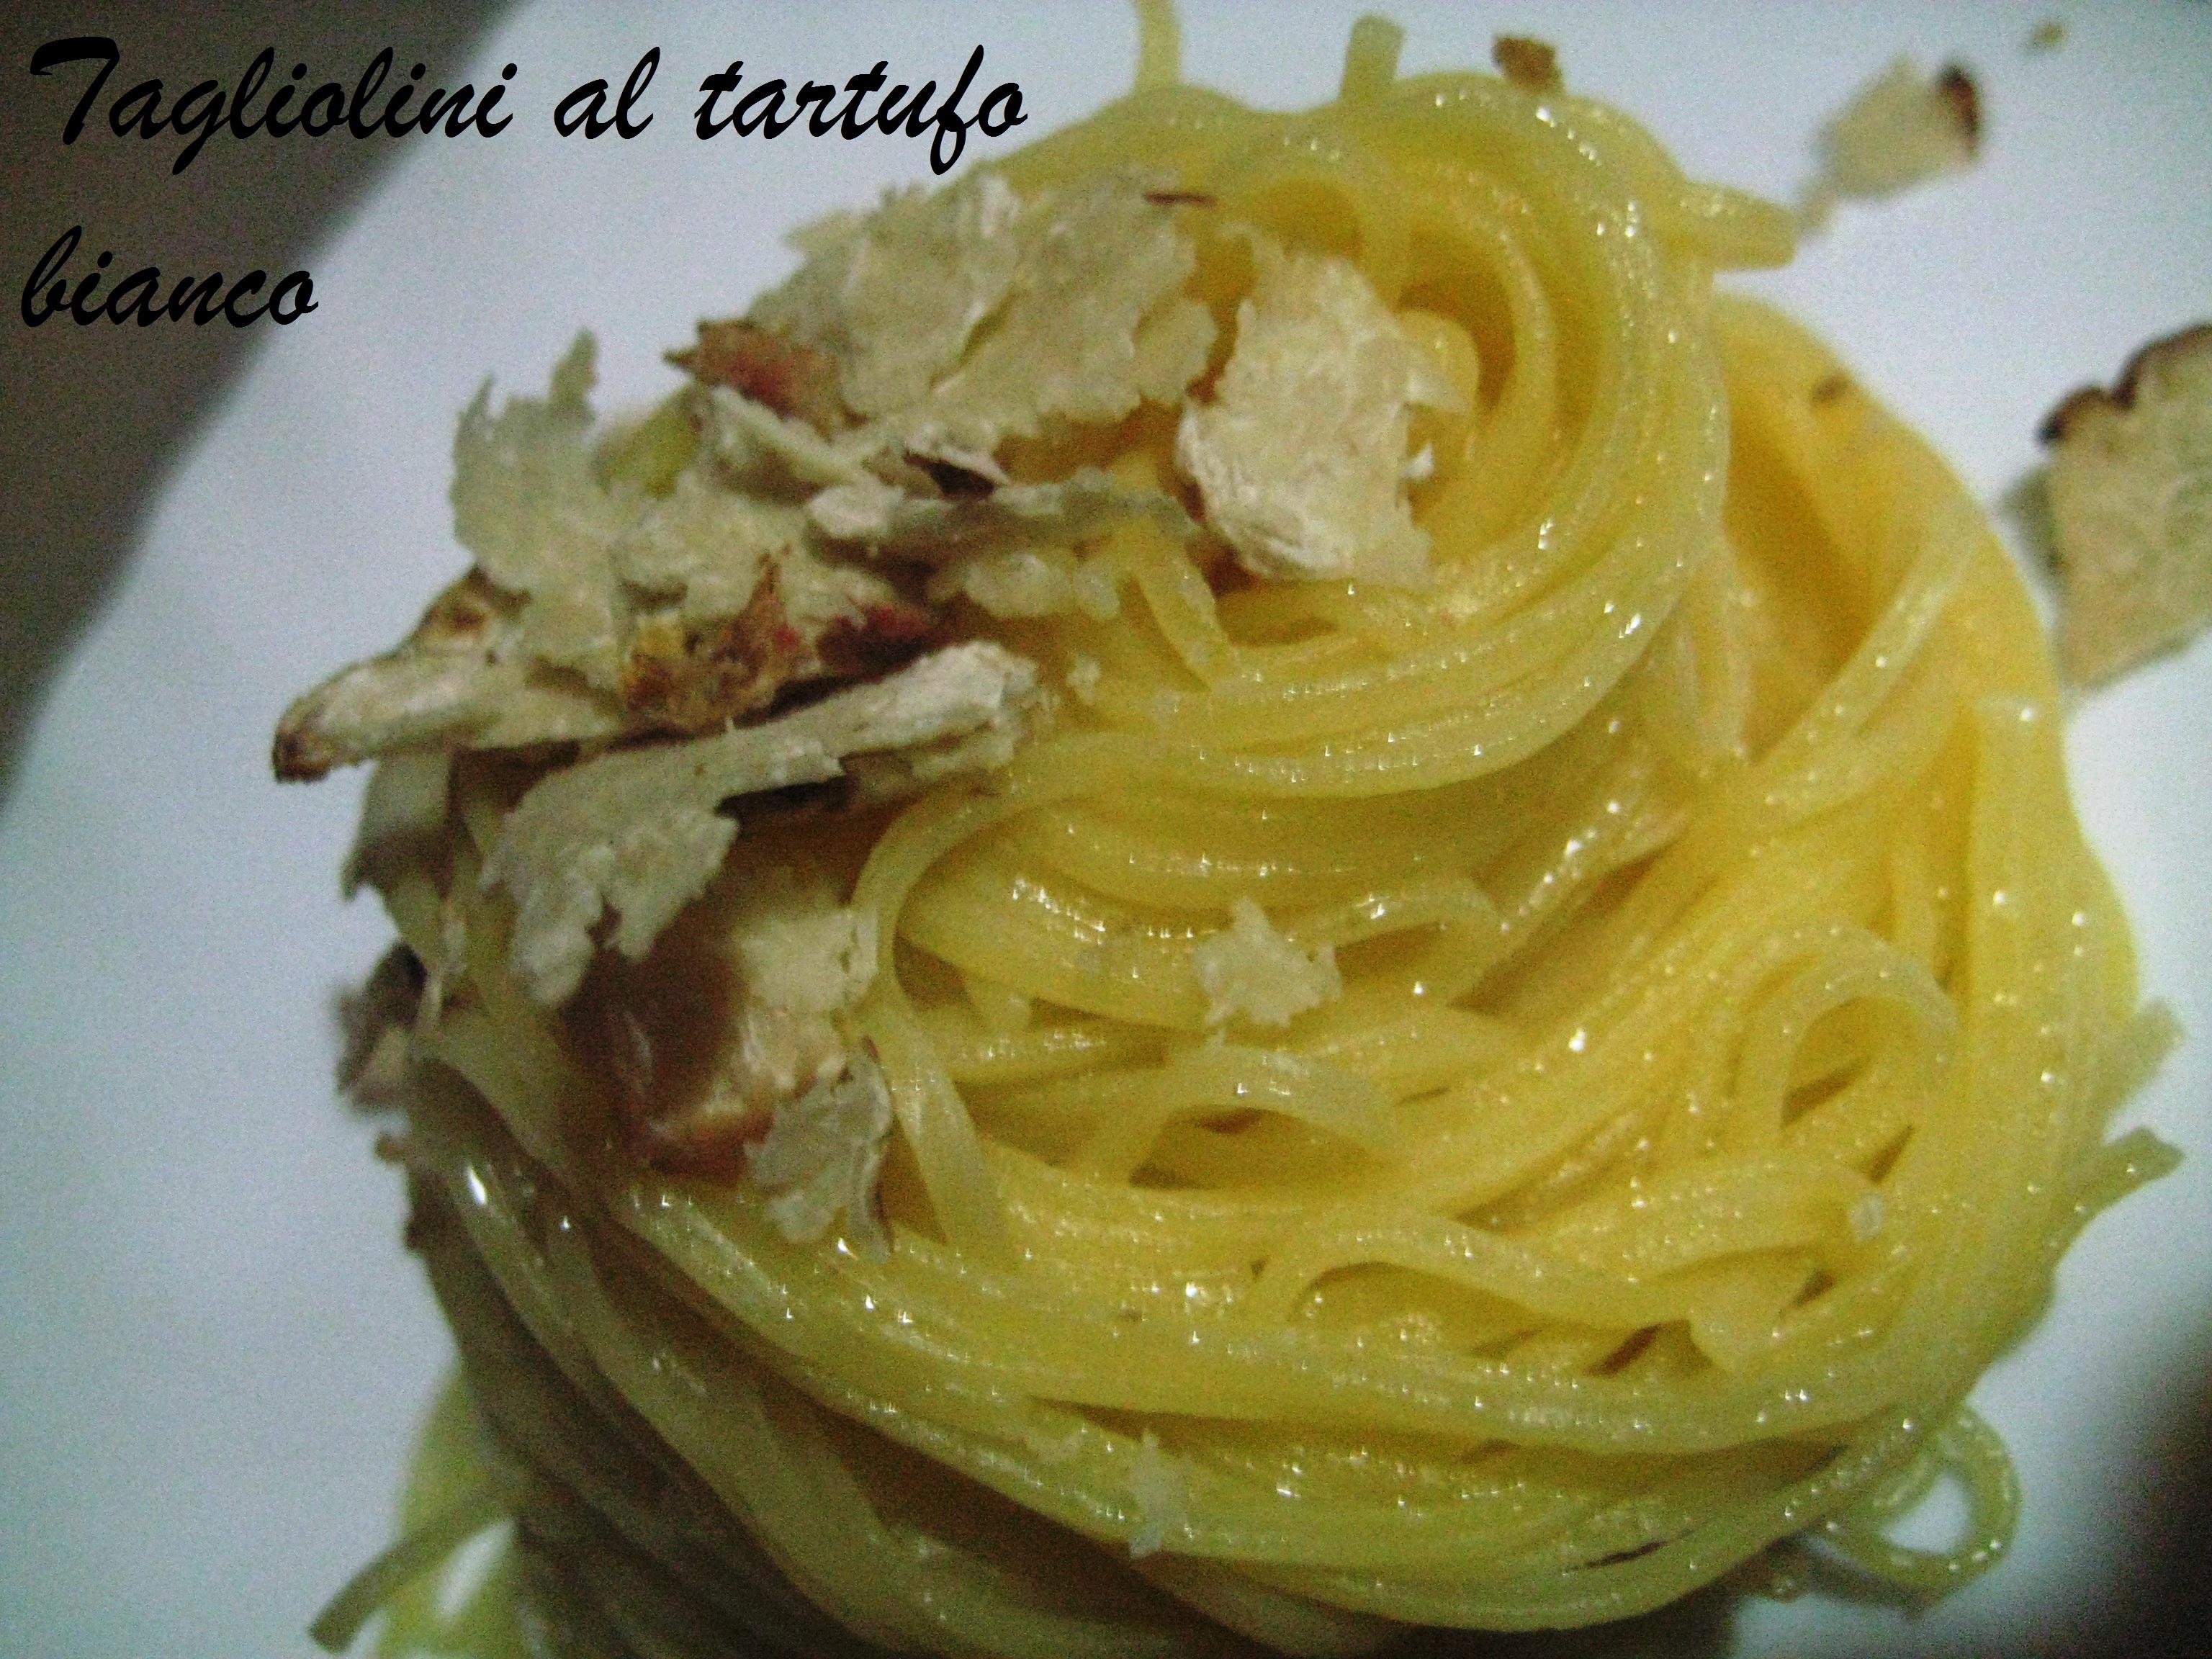 tagliolini al tartufo bianco di Cracco | Ricette pensieri e idiozie